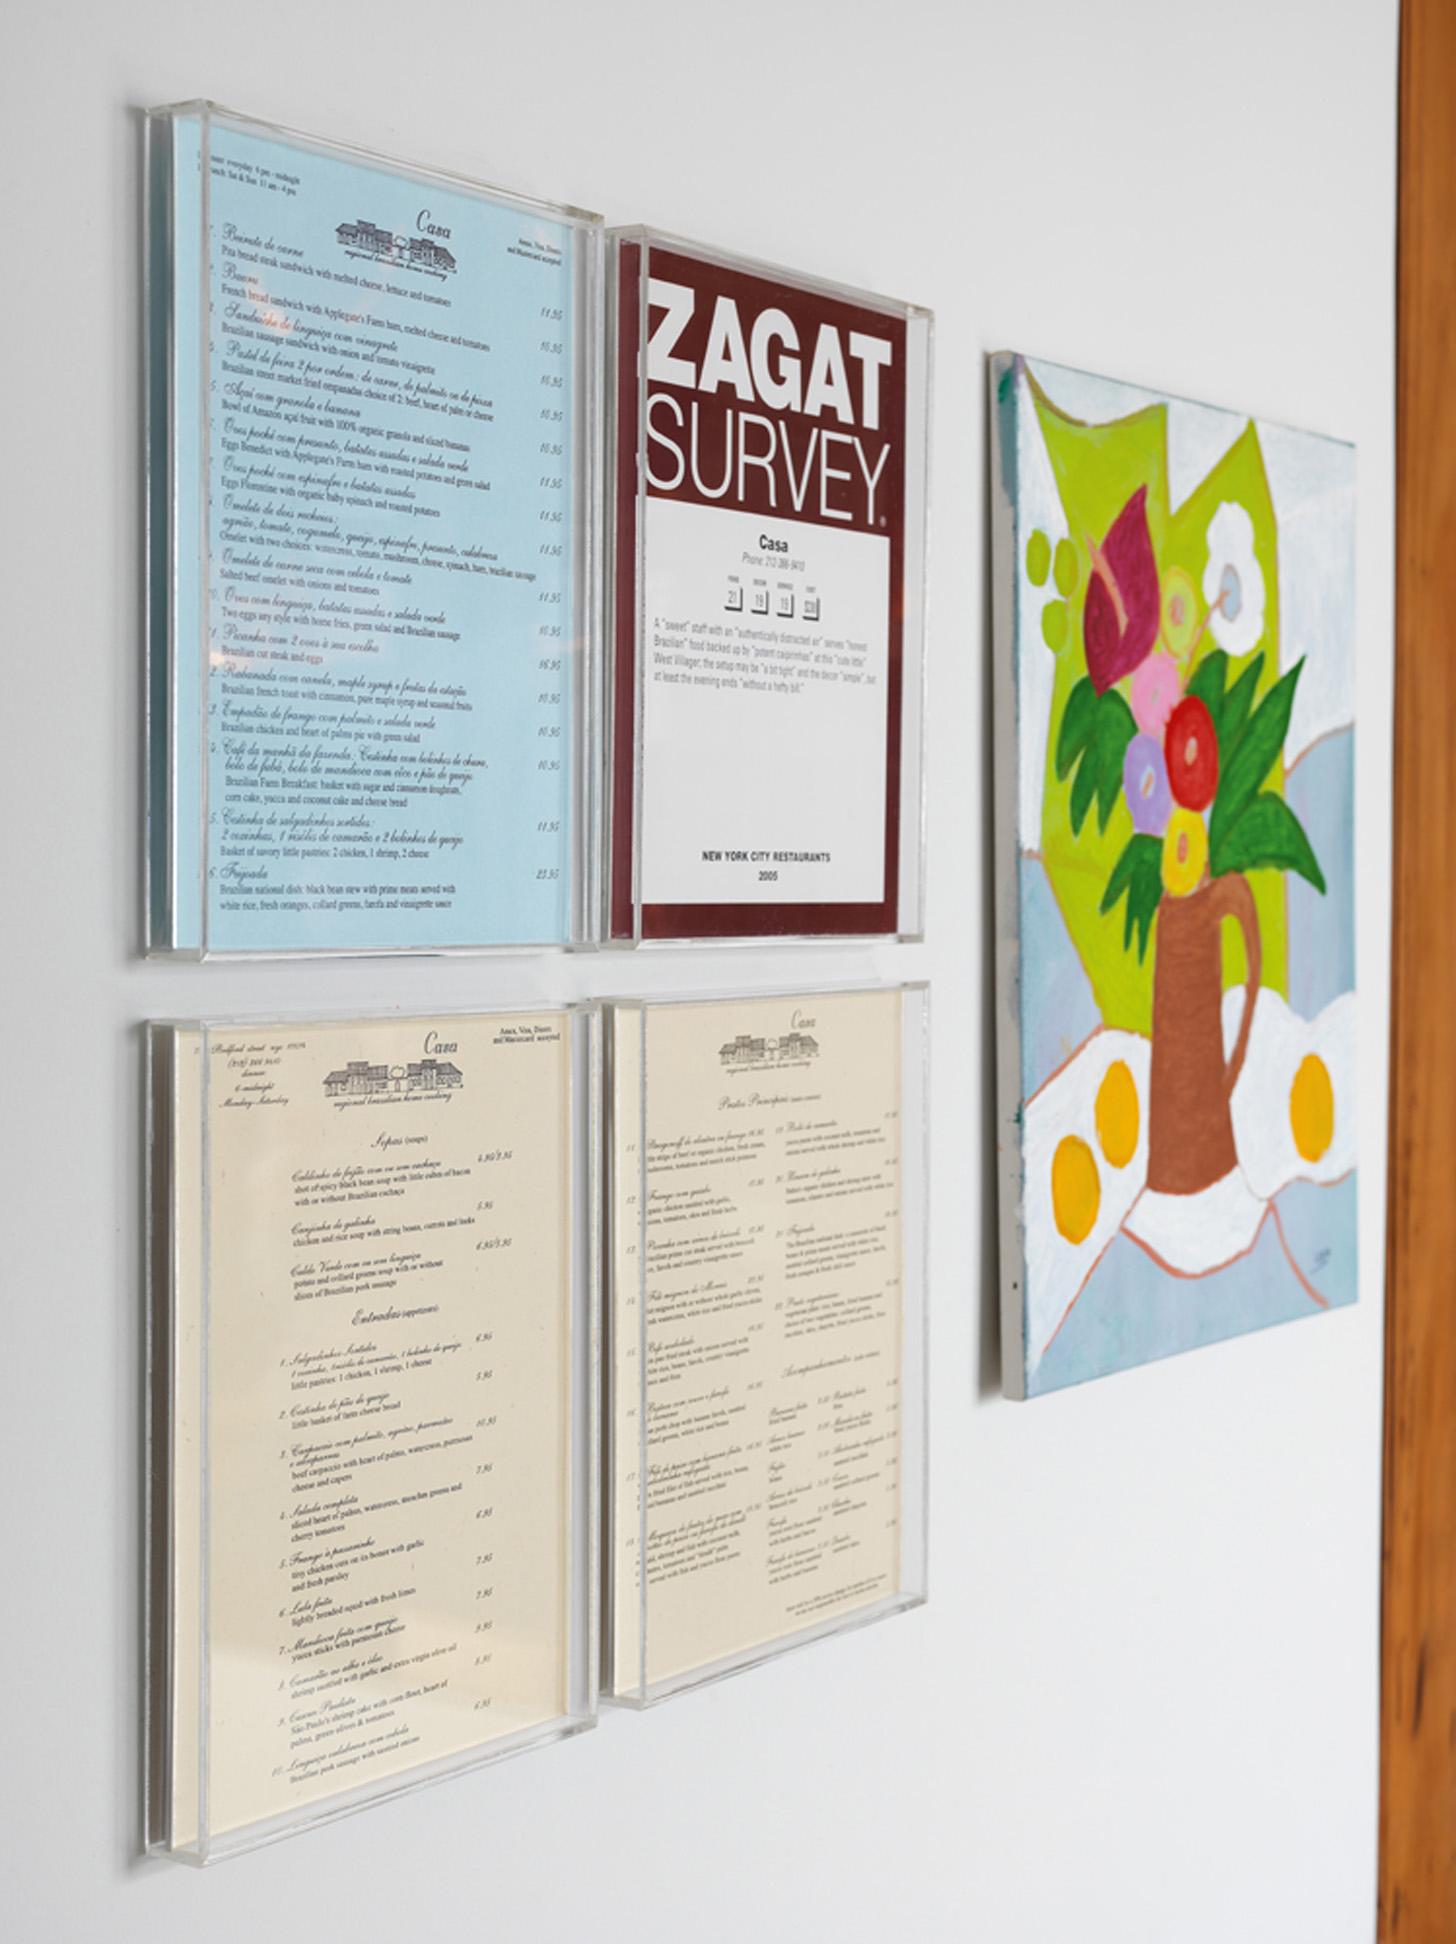 Troféu: Cardápios e pontuação no Ranking Zagat do Casa, restaurante em que Fabio é sócio em Nova York, ganharam destaque na caixa de acrílico